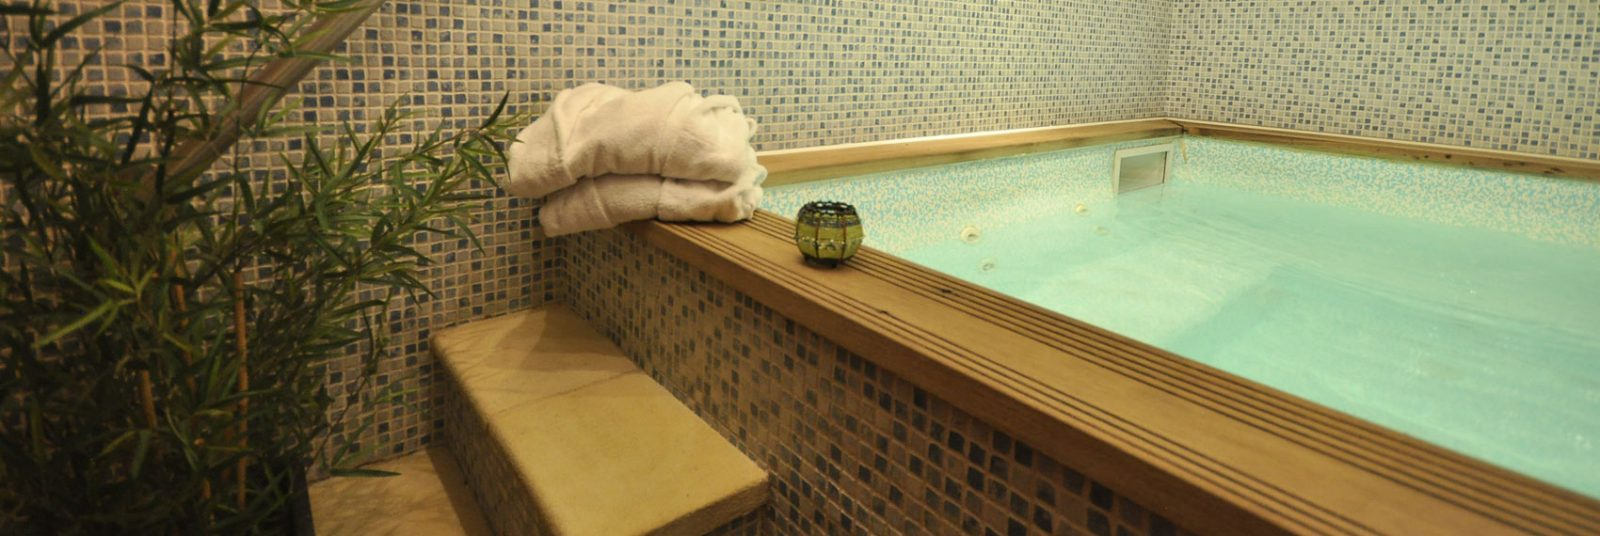 Spa Jacuzzi à l'Hôtel Aigliere, Puy Saint Vincent